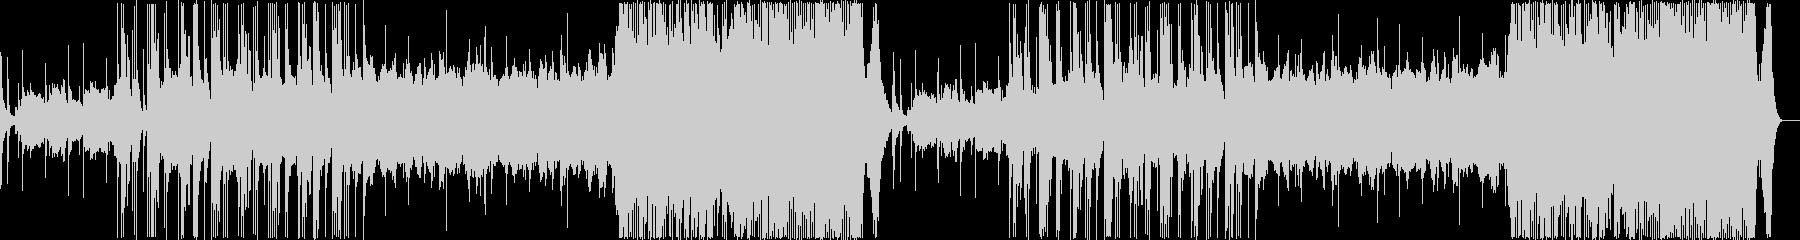 津軽三味線が印象的で、壮大な和風曲の未再生の波形